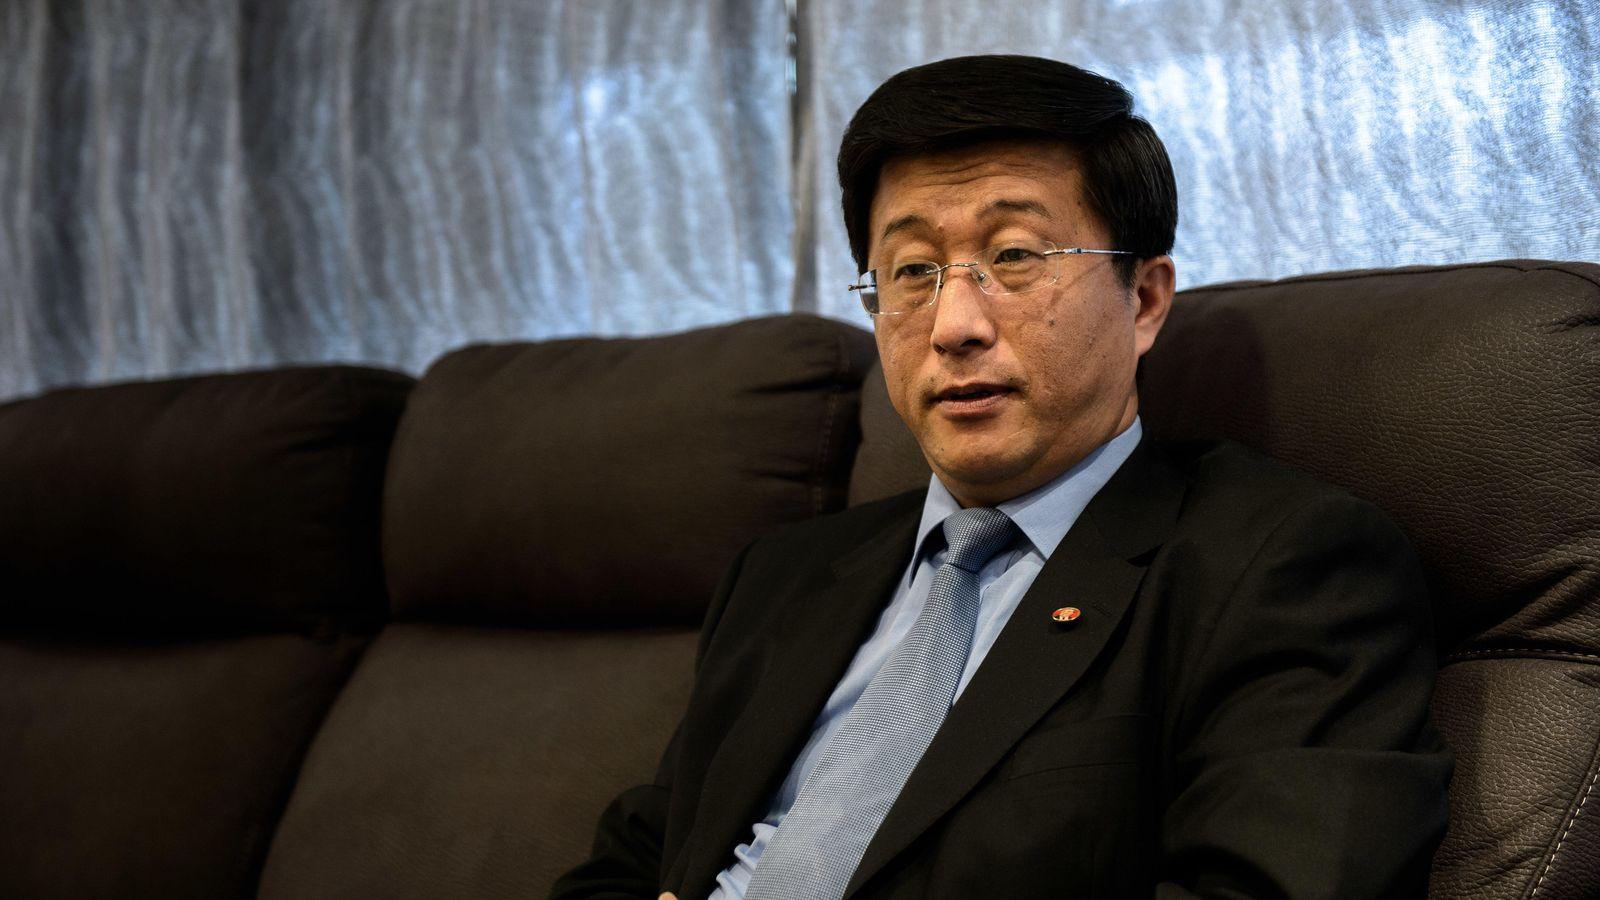 Foto: Kim Hyok-Chol, embajador de Corea del Norte en España. (Foto: D.Muñoz)